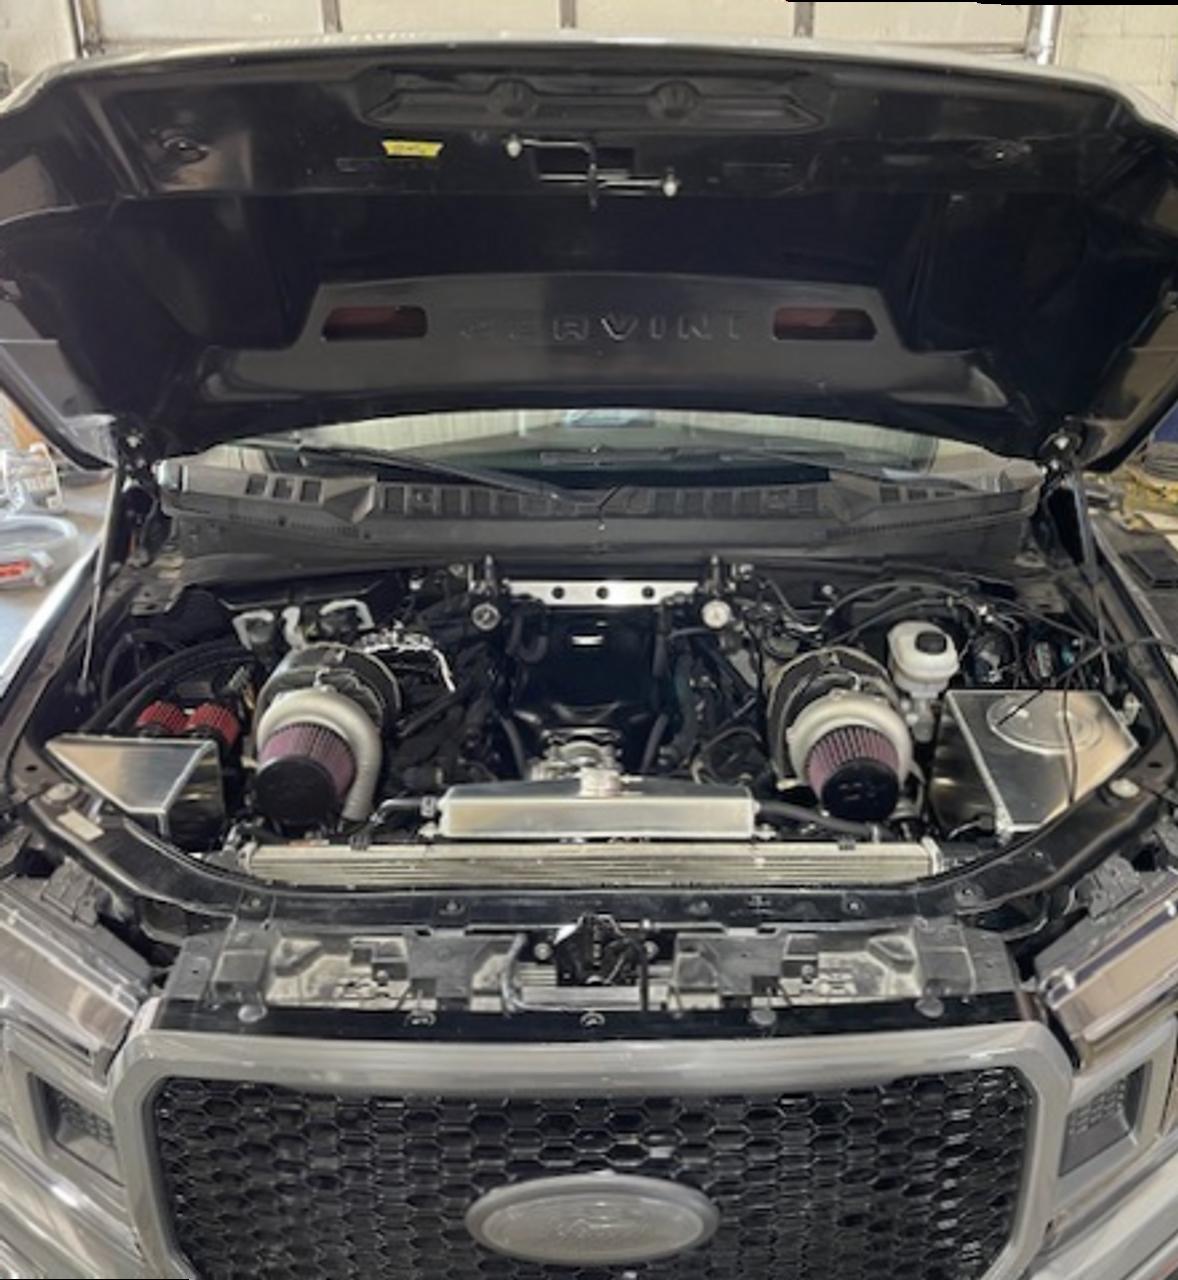 AldoWelds Top Mount Twin Turbo Kit (2015-2021 F150)